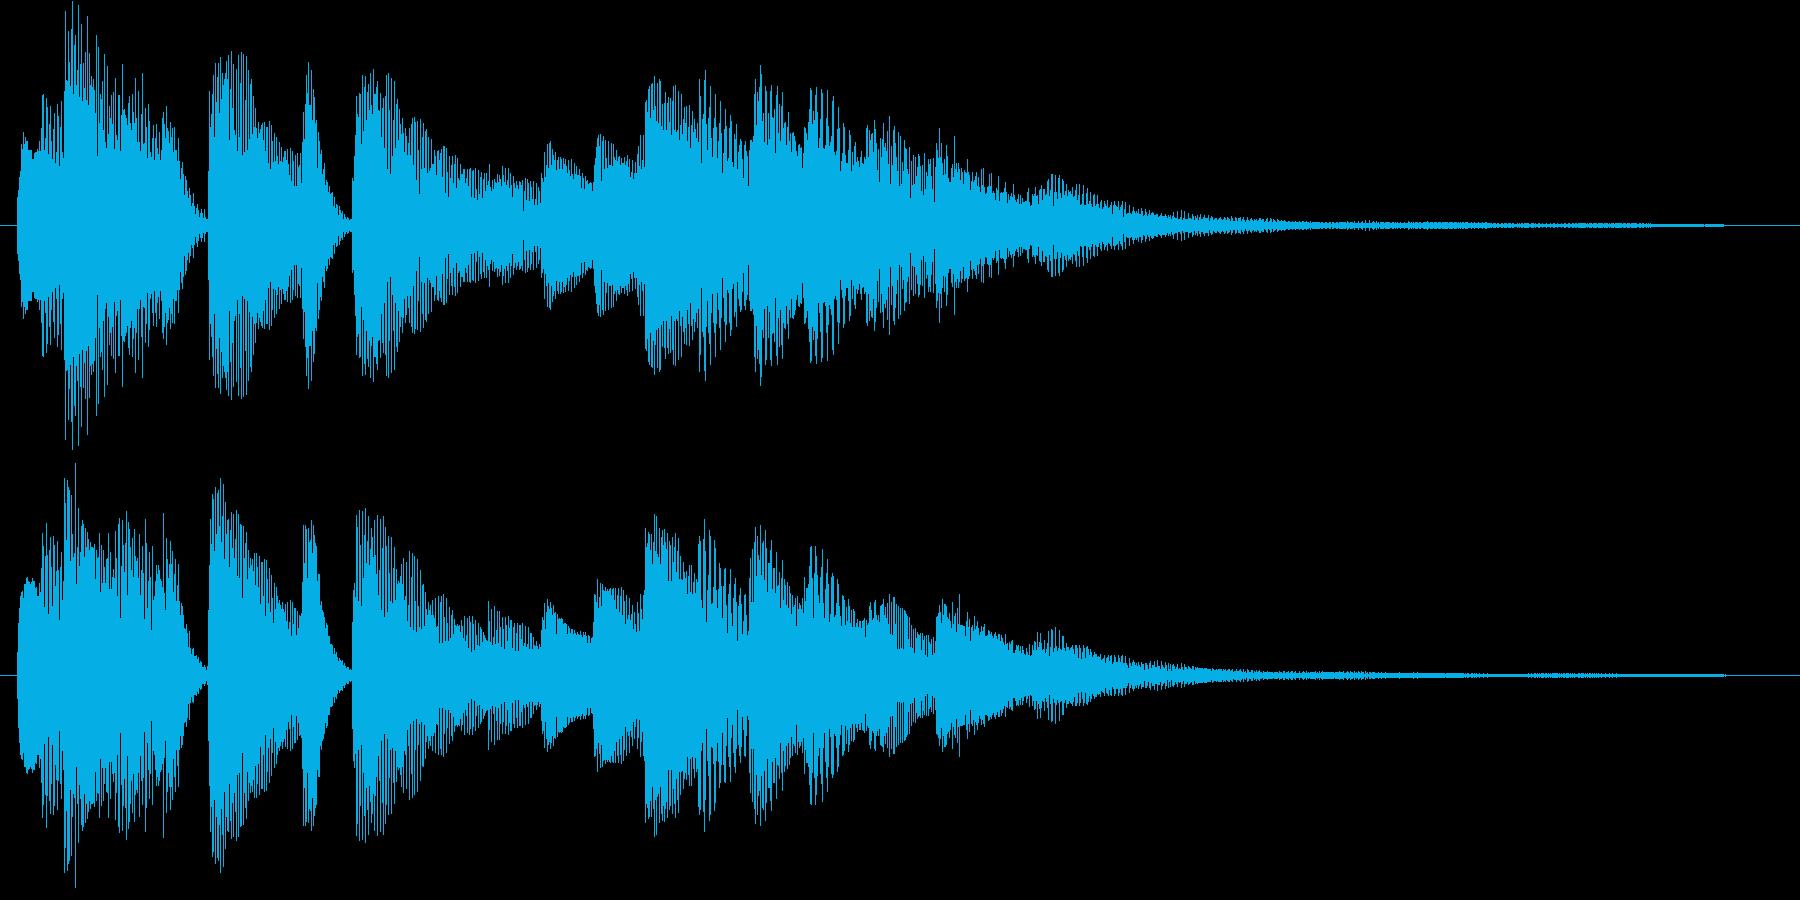 ピアノのジングル アイキャッチの再生済みの波形